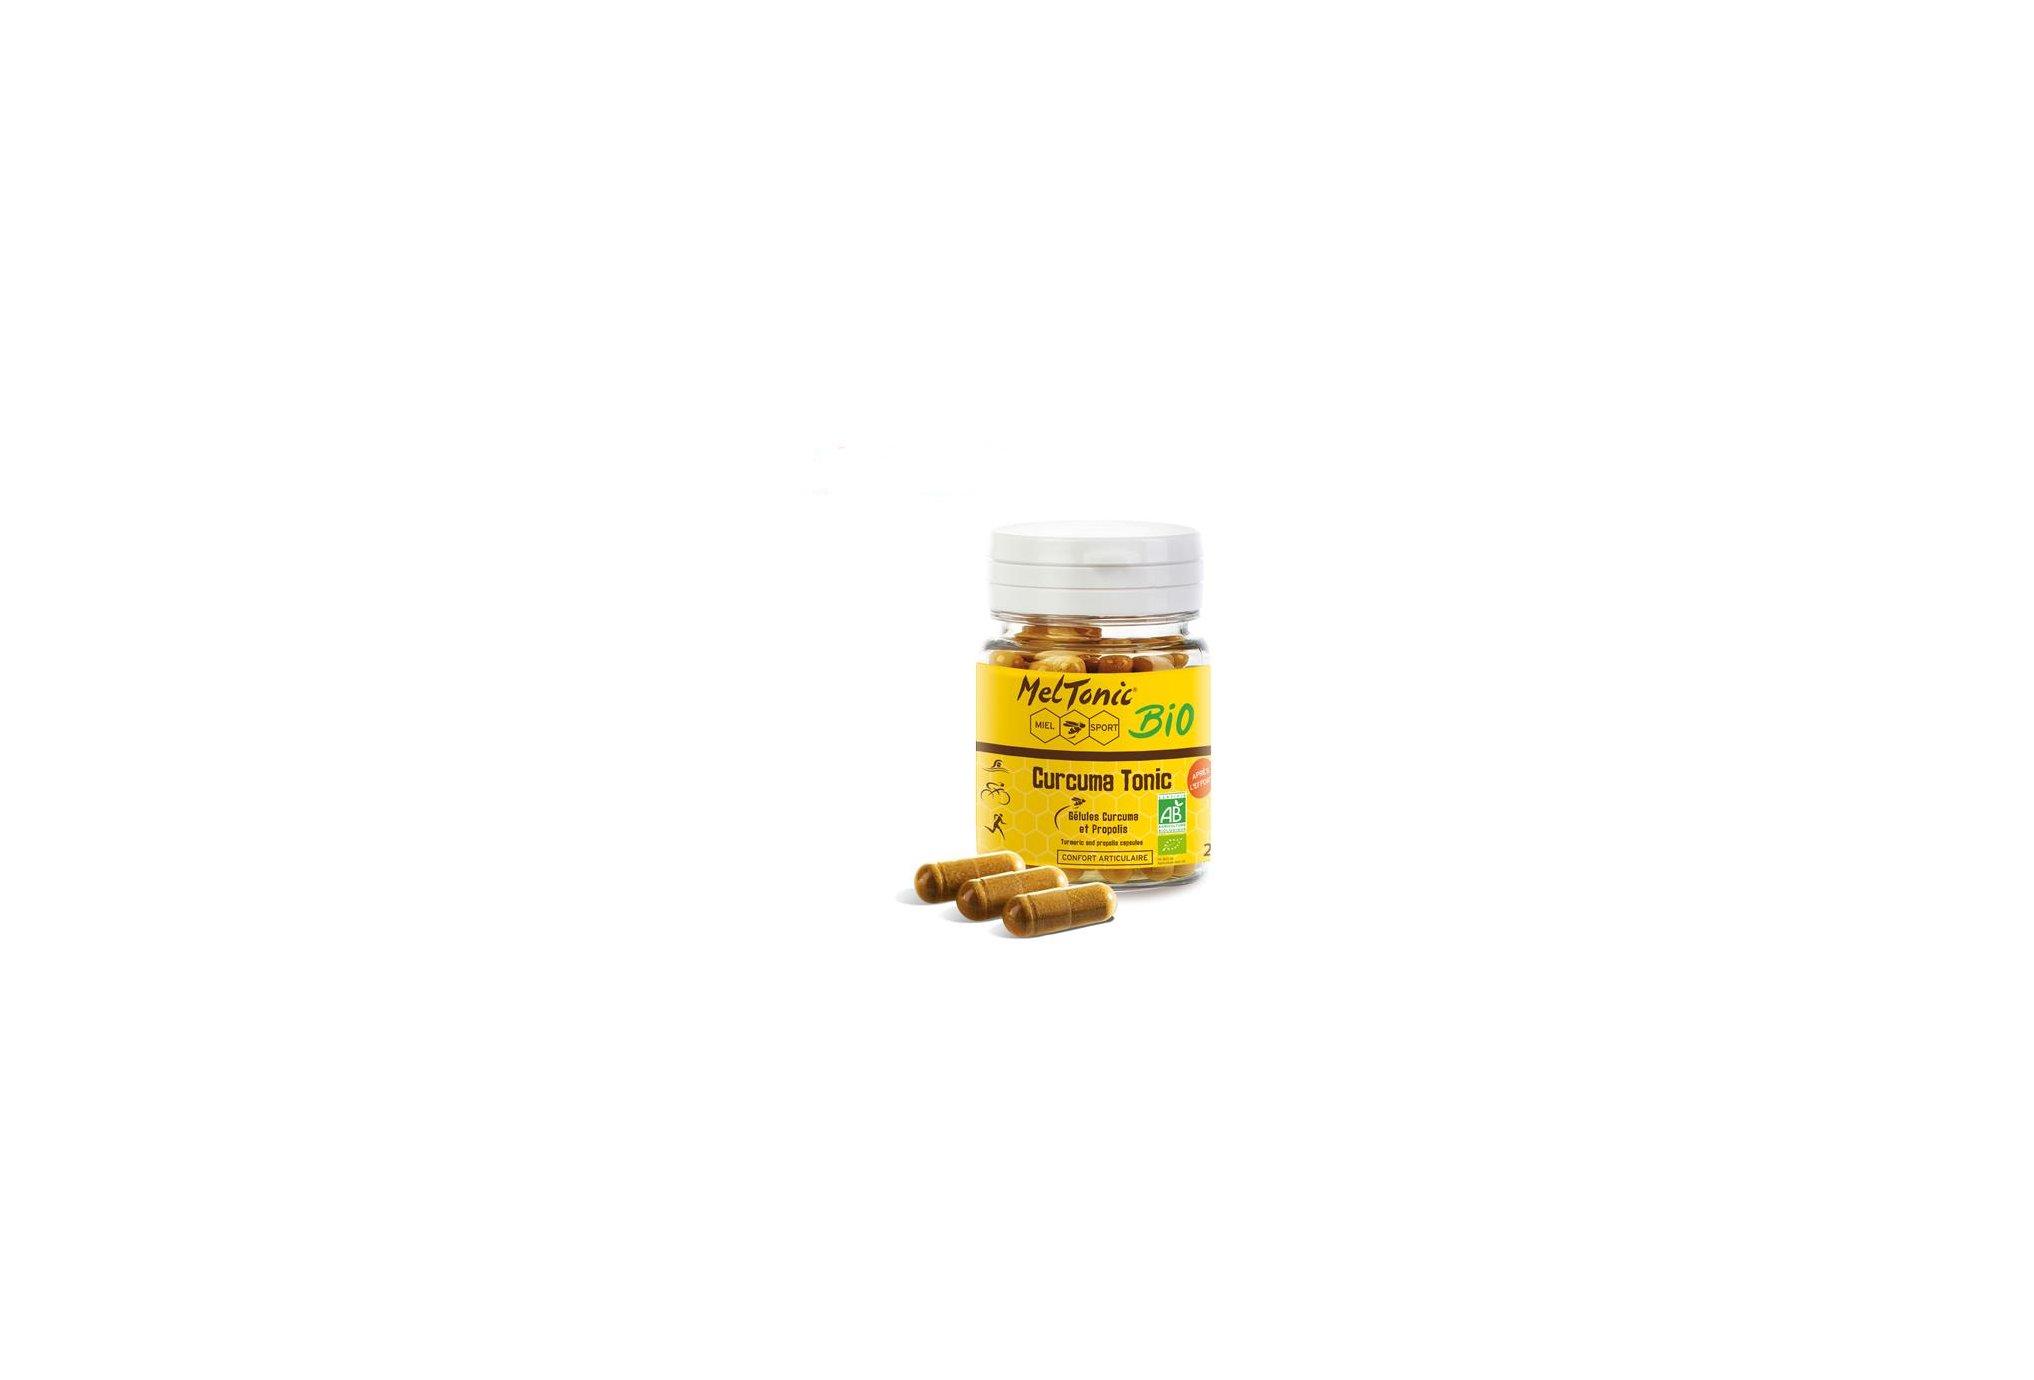 MelTonic Curcuma Tonic Bio Diététique Compléments